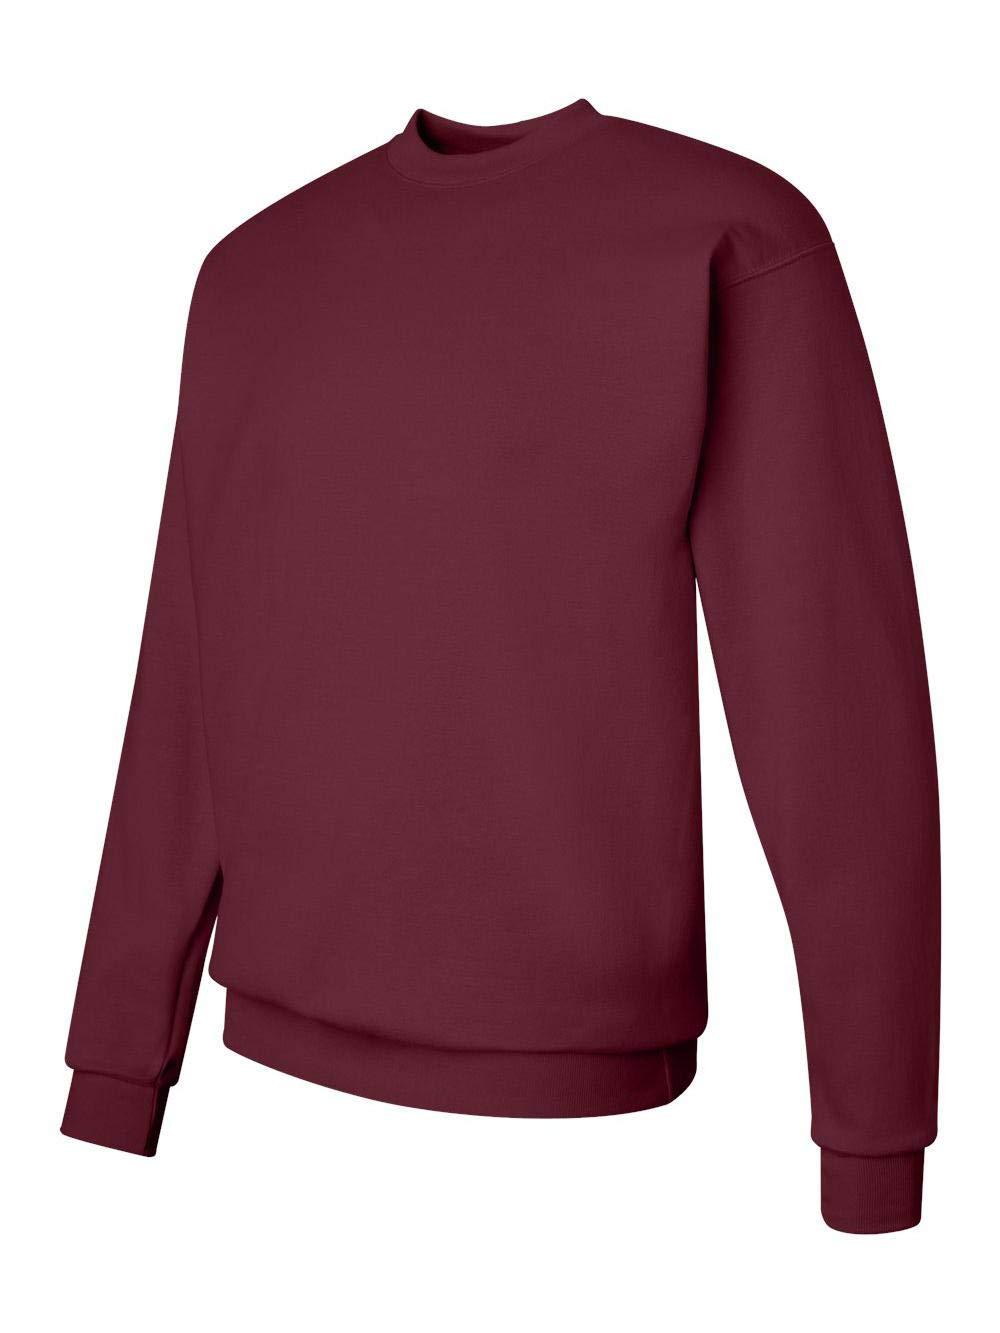 Hanes ComfortBlend® EcoSmart® Crew Sweatshirt